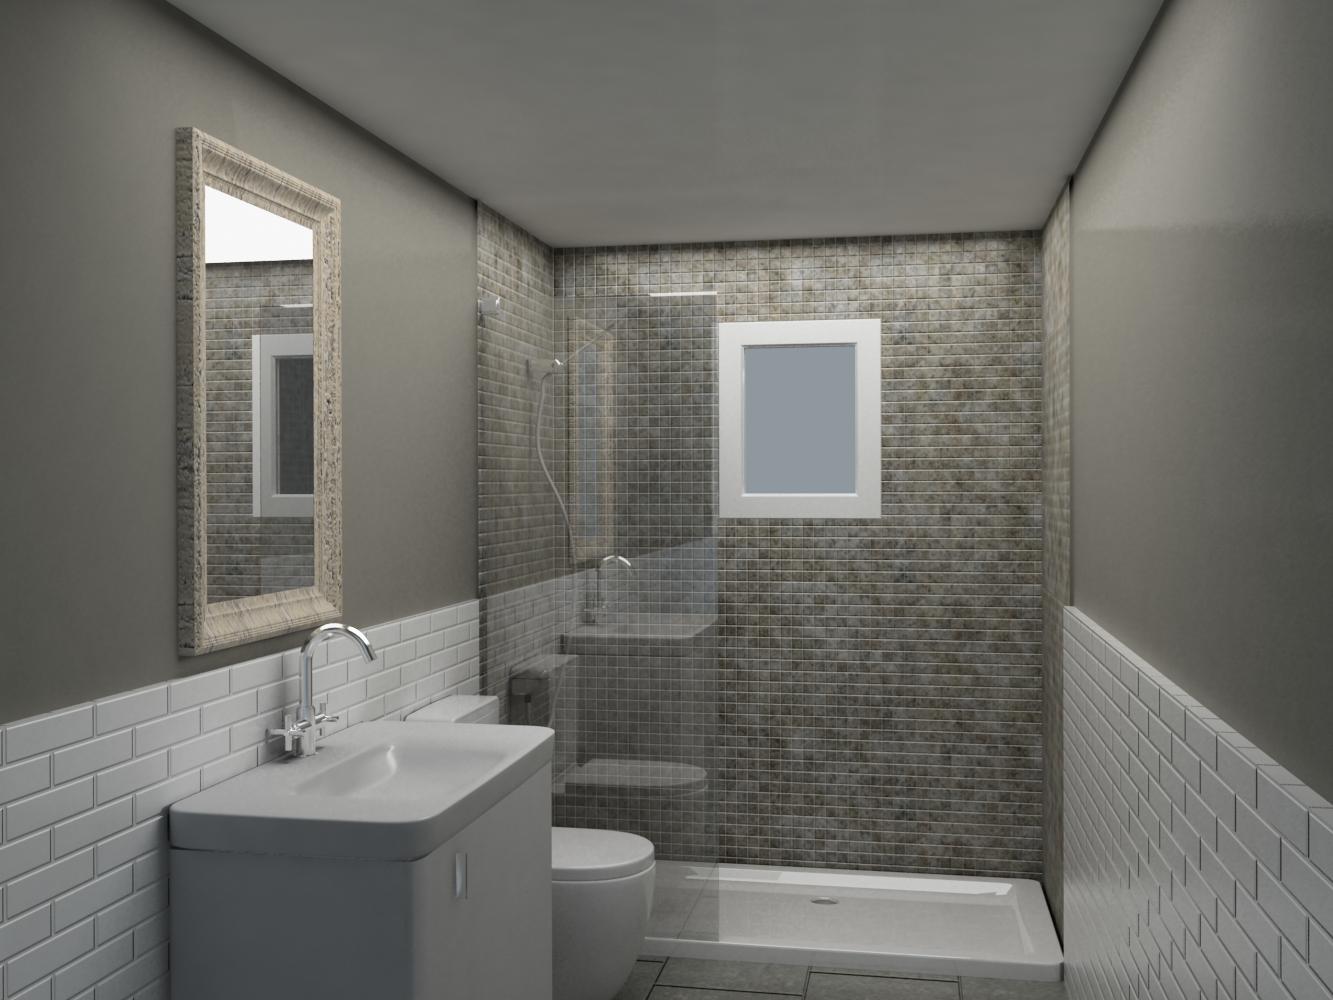 Ba os con azulejos hasta el techo for Alicatar cuarto de bano